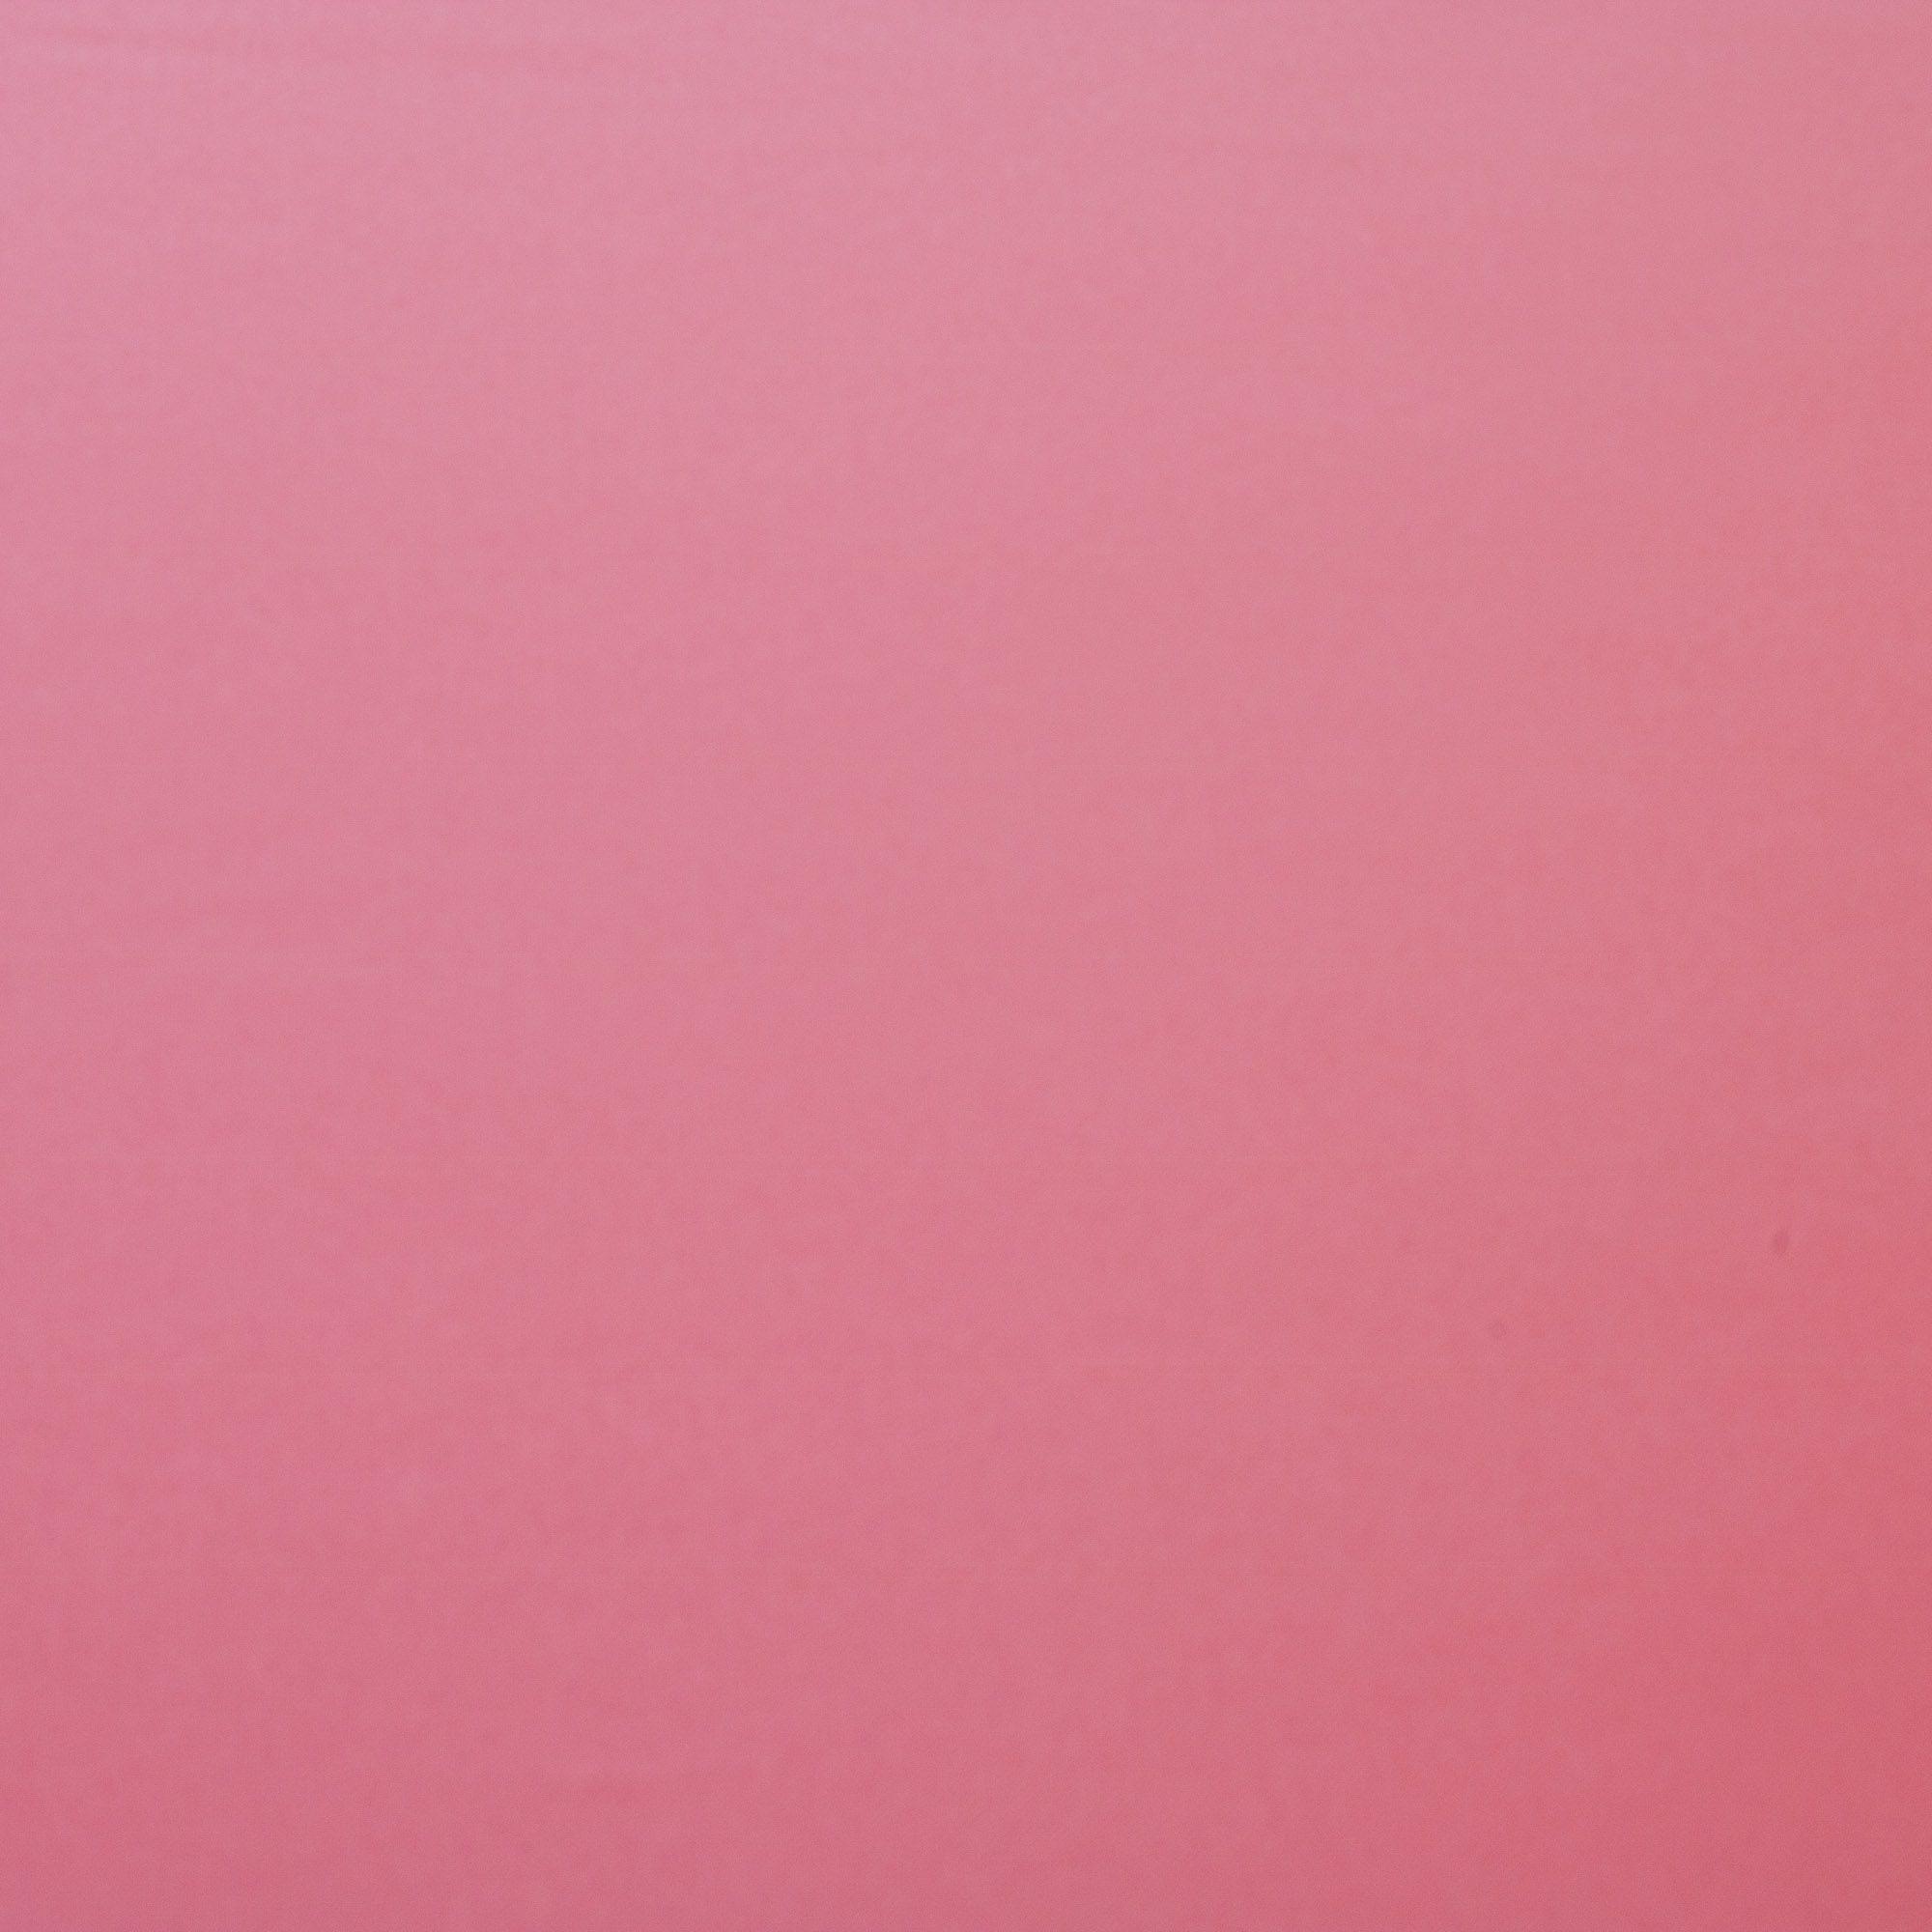 Tecido Oxford  Liso 100% Poliester 1,50 m Largura Rosa Choque